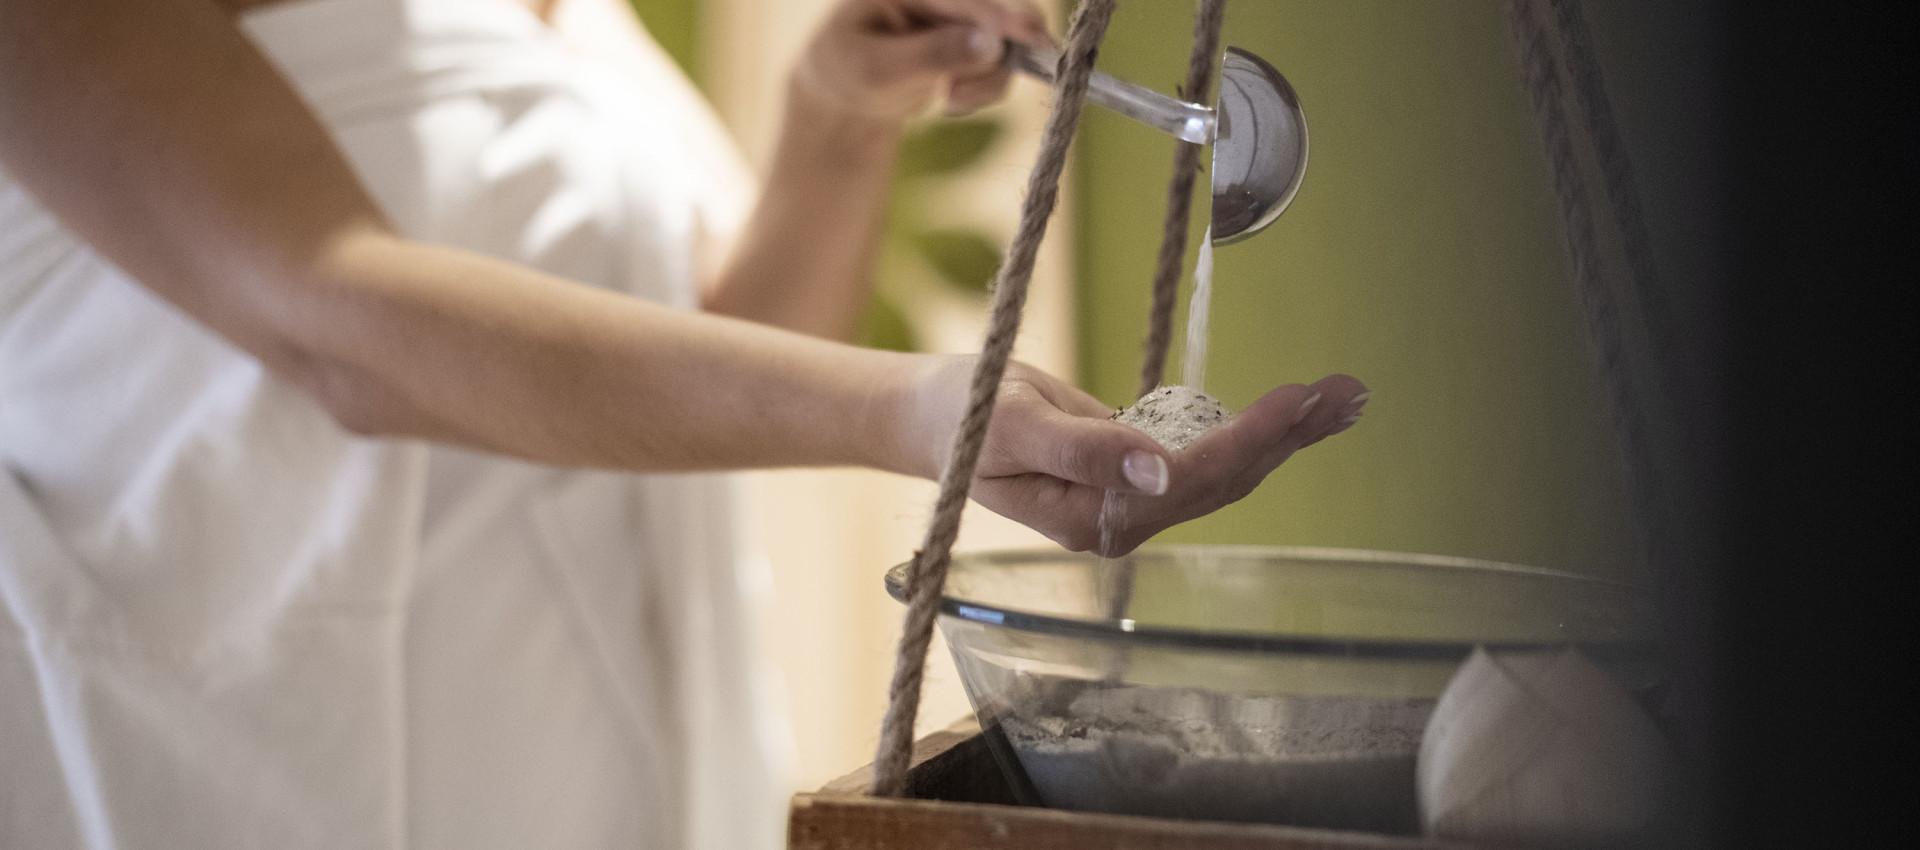 Saunaritual im Wellnesshotel Pfeiss in Lana bei Meran, Salzpeeling, Sauna, Hotel Pfeiss